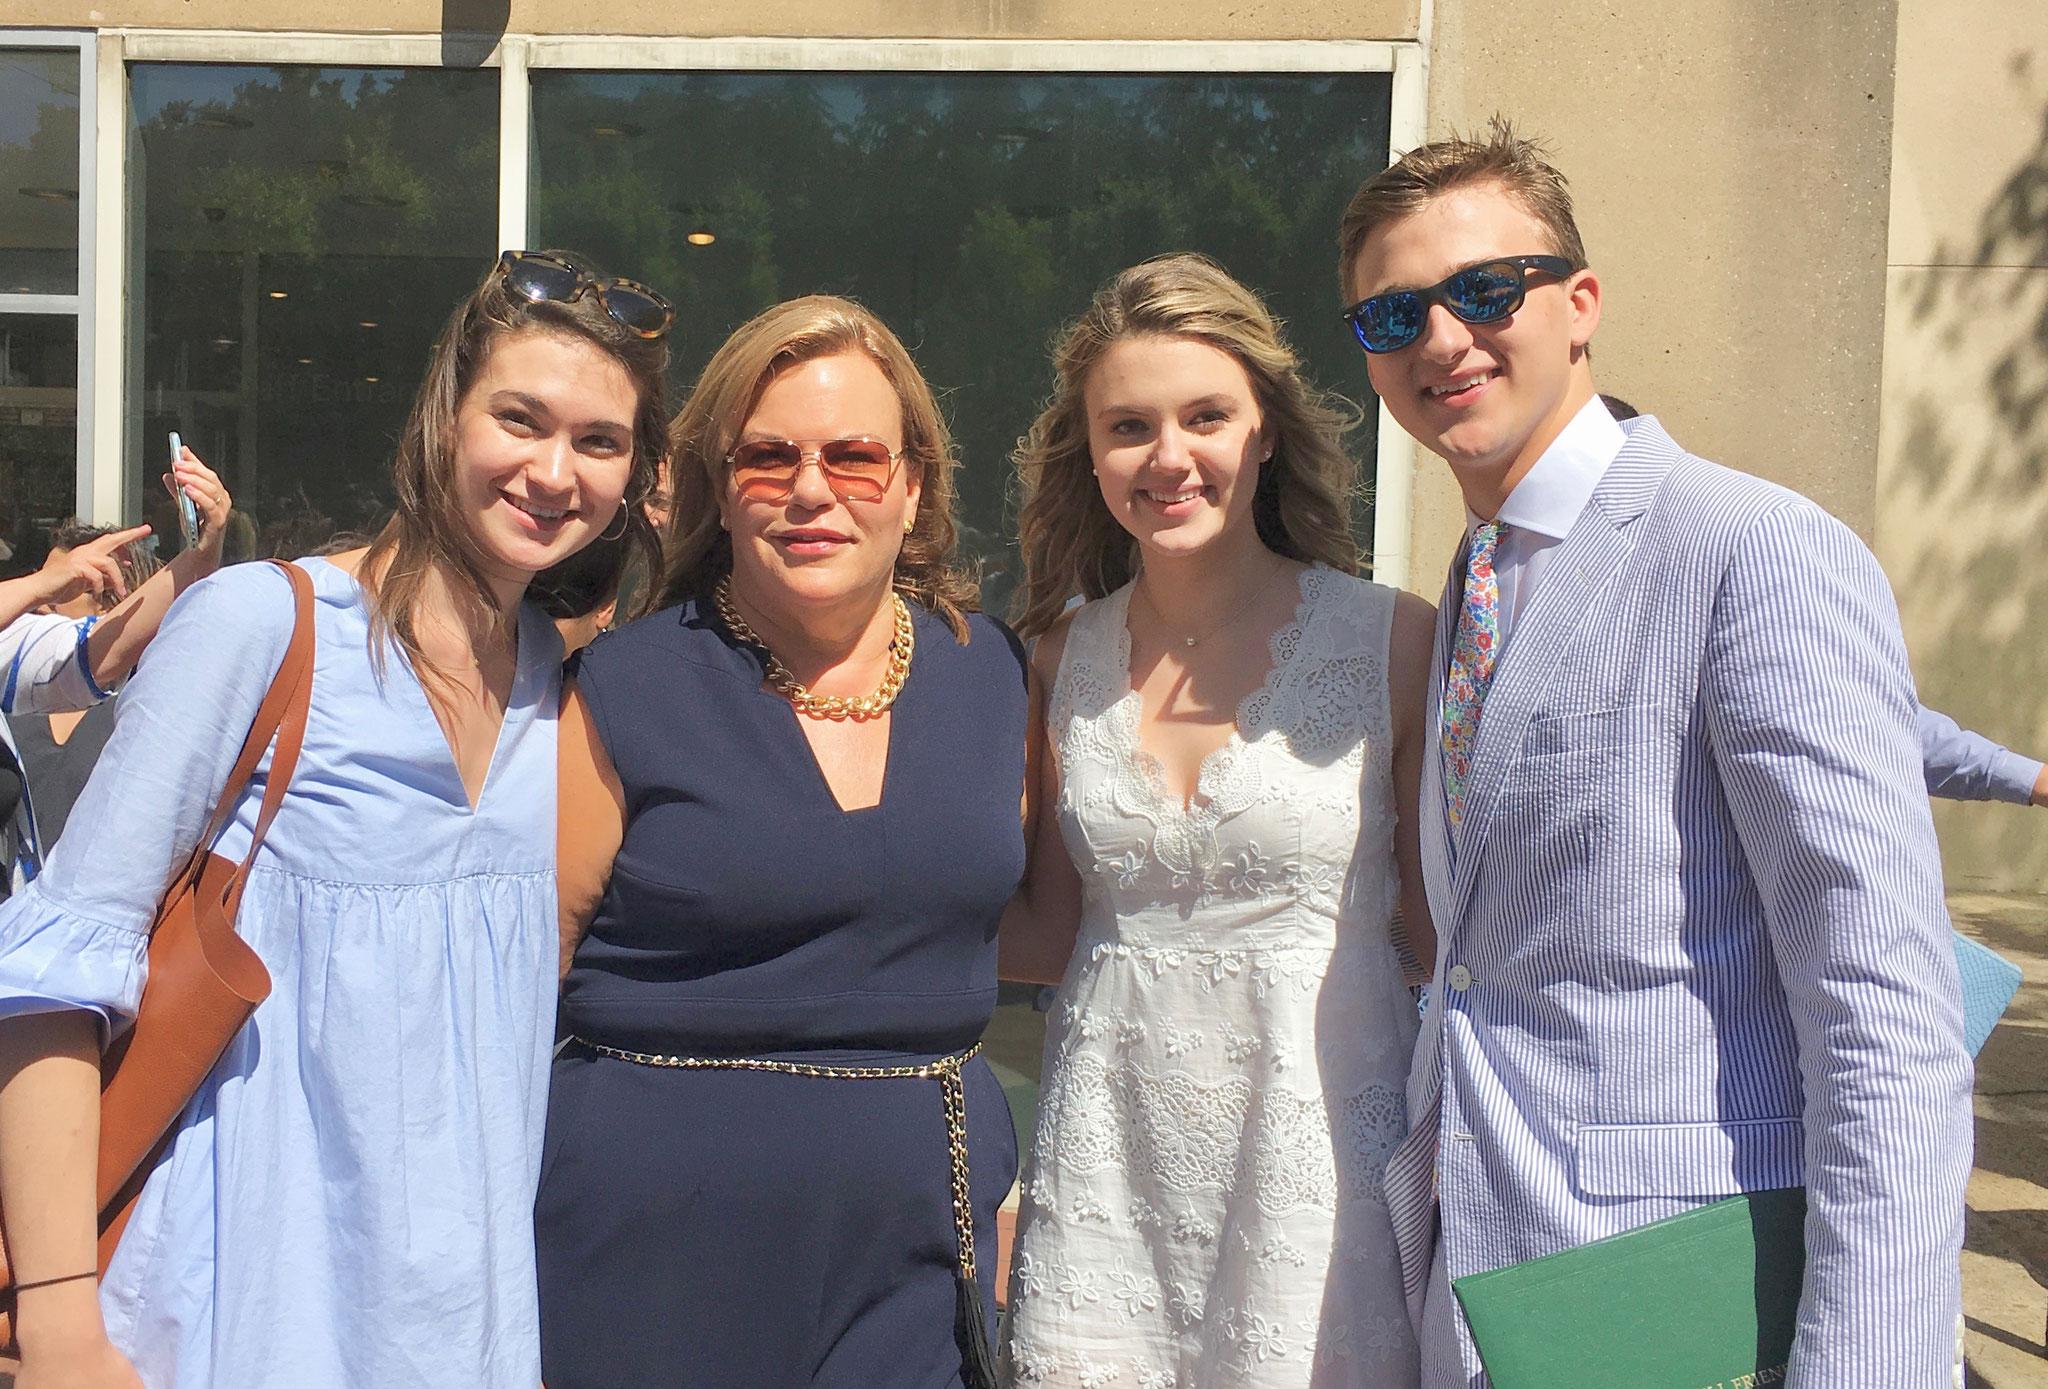 Ellie, Celeste, Kate & Jack, at Kate & Jack's graduation, June, 2019